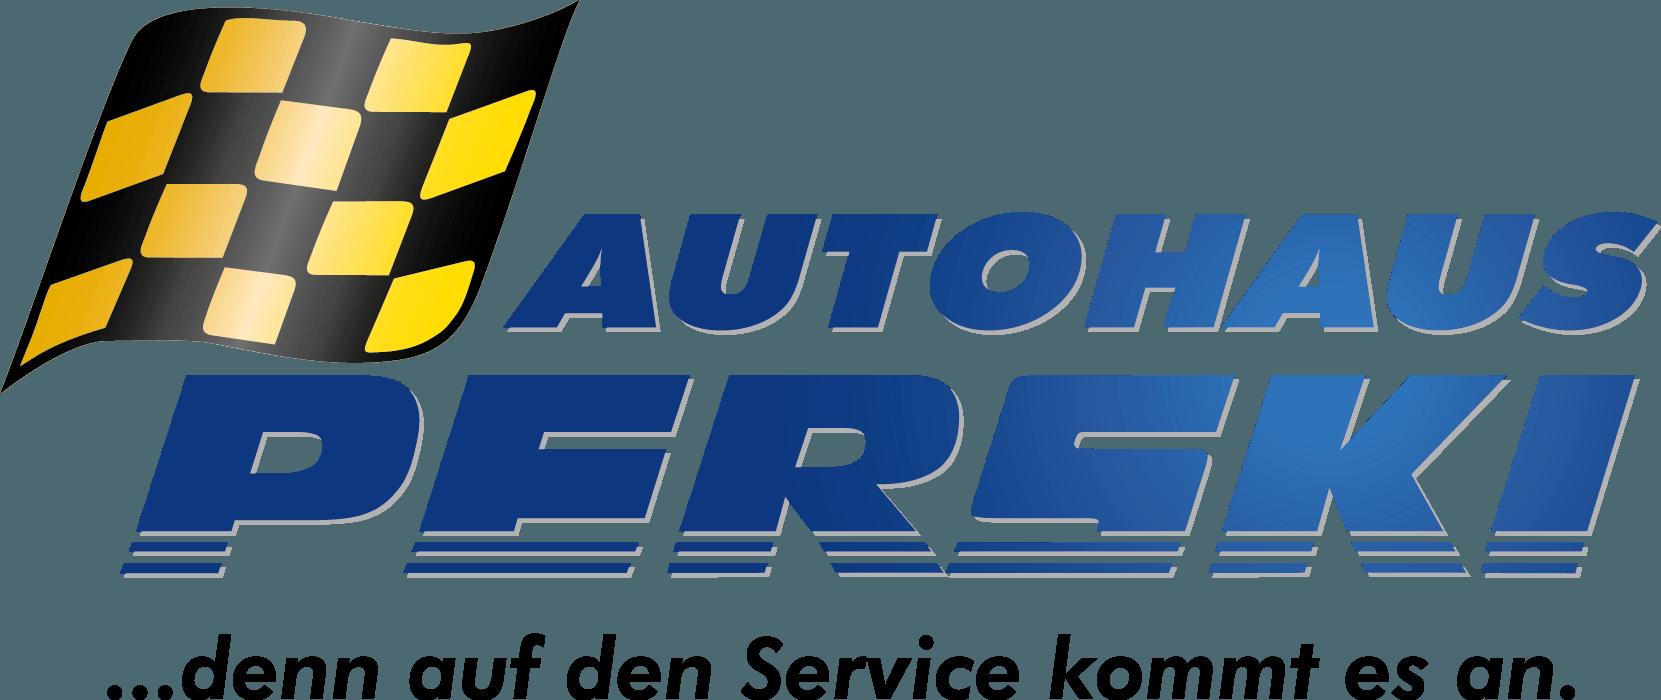 Autohaus Perski